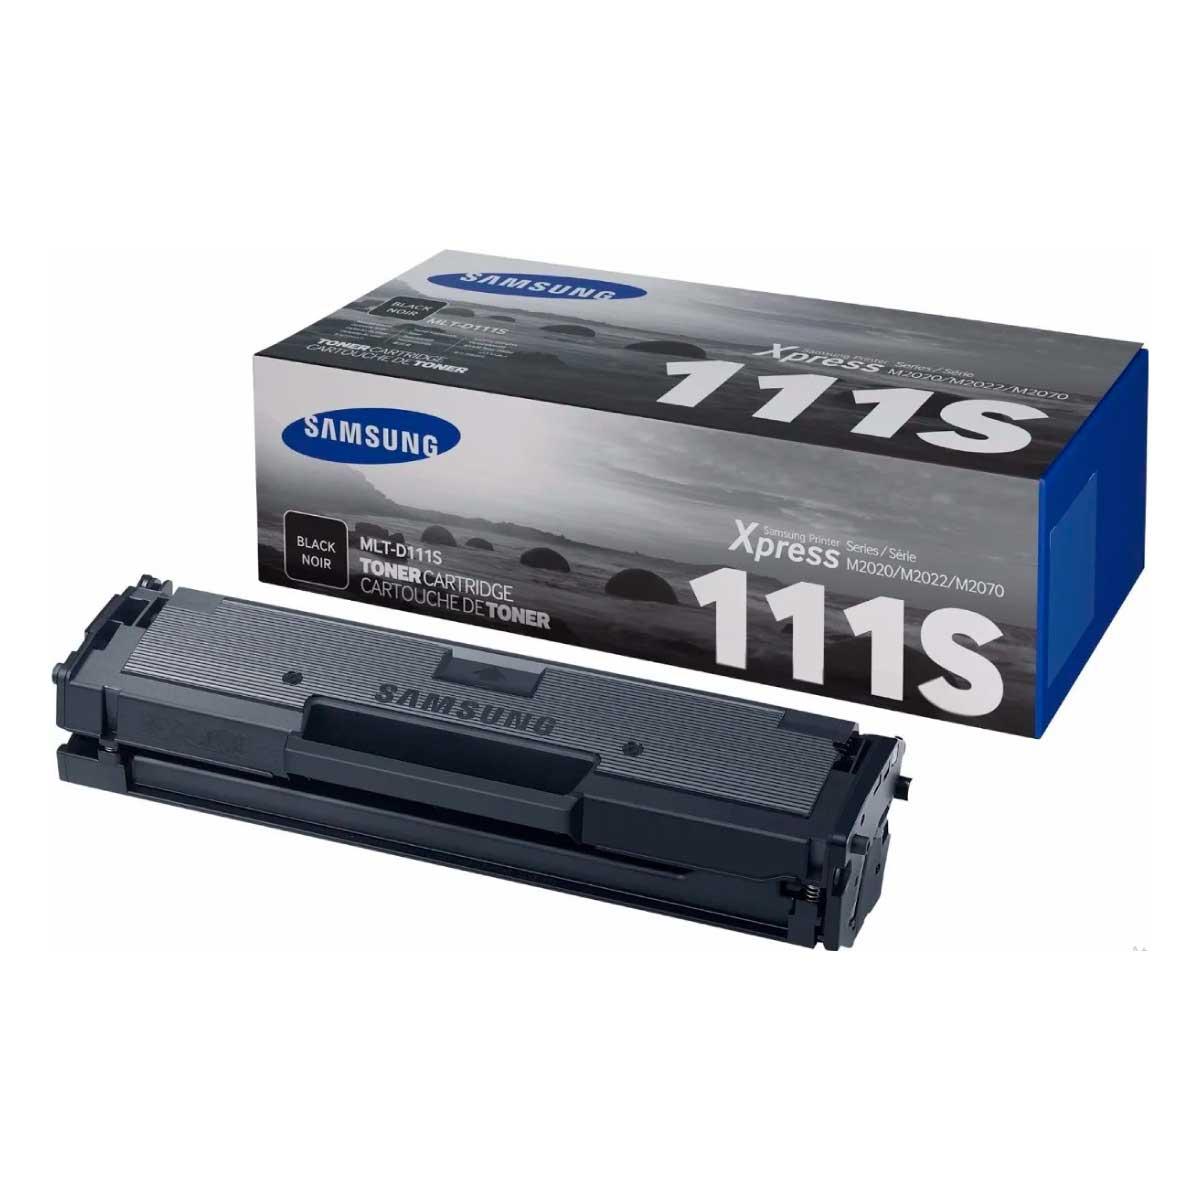 Cartucho De Toner Original Samsung D111 111s Mlt 111s